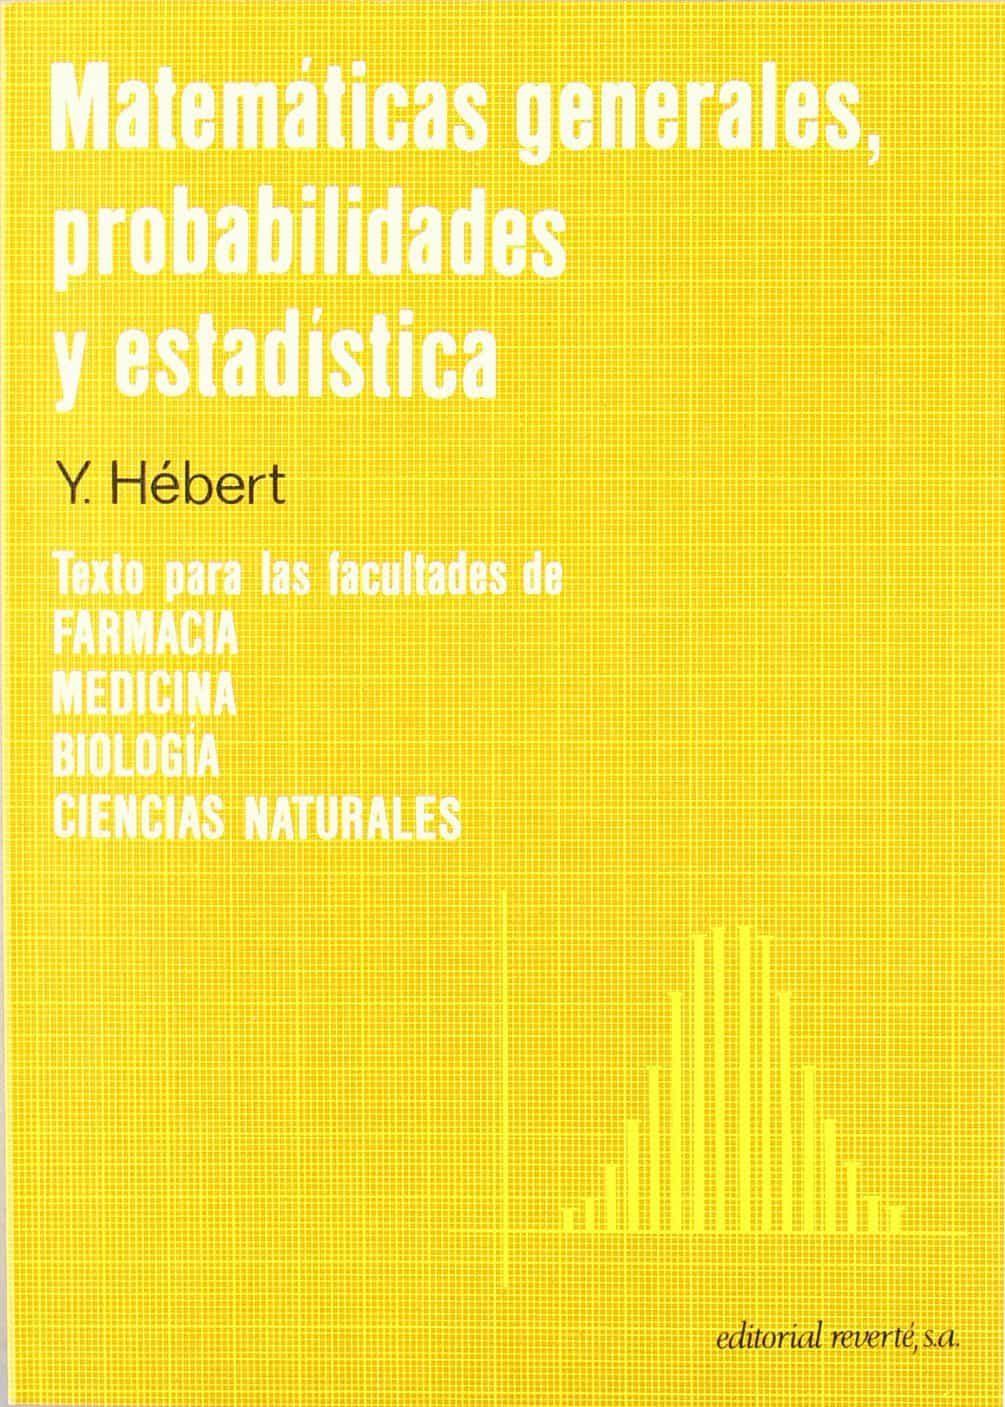 matematicas generales, probabilidades y estadisticas-y. hebert-9788429150810